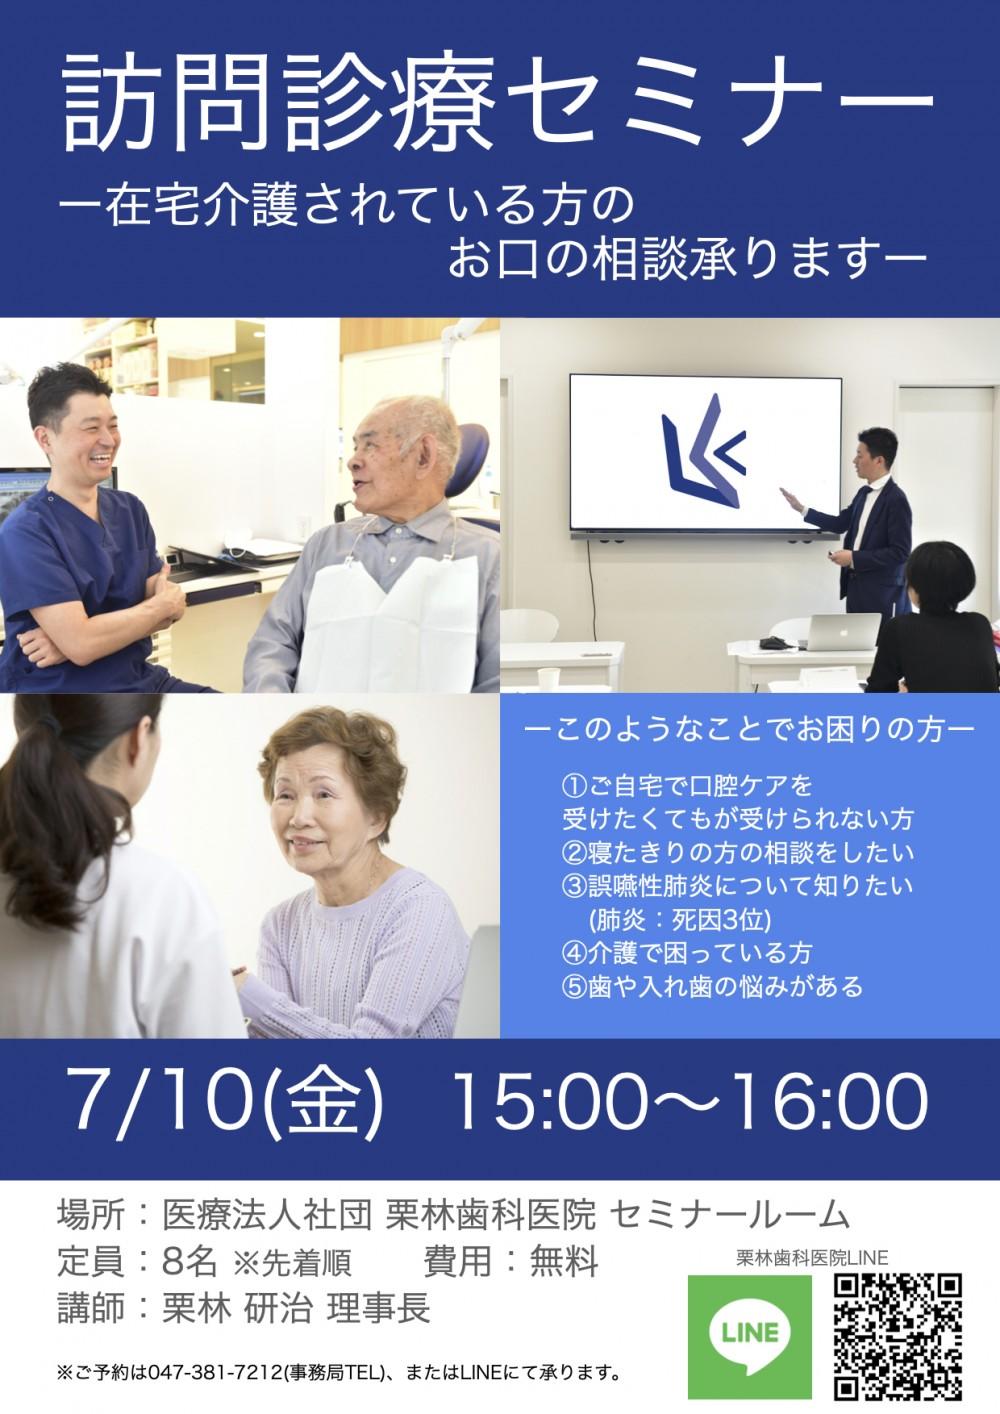 【原本】訪問診療フライヤー最終(2020.06.12)